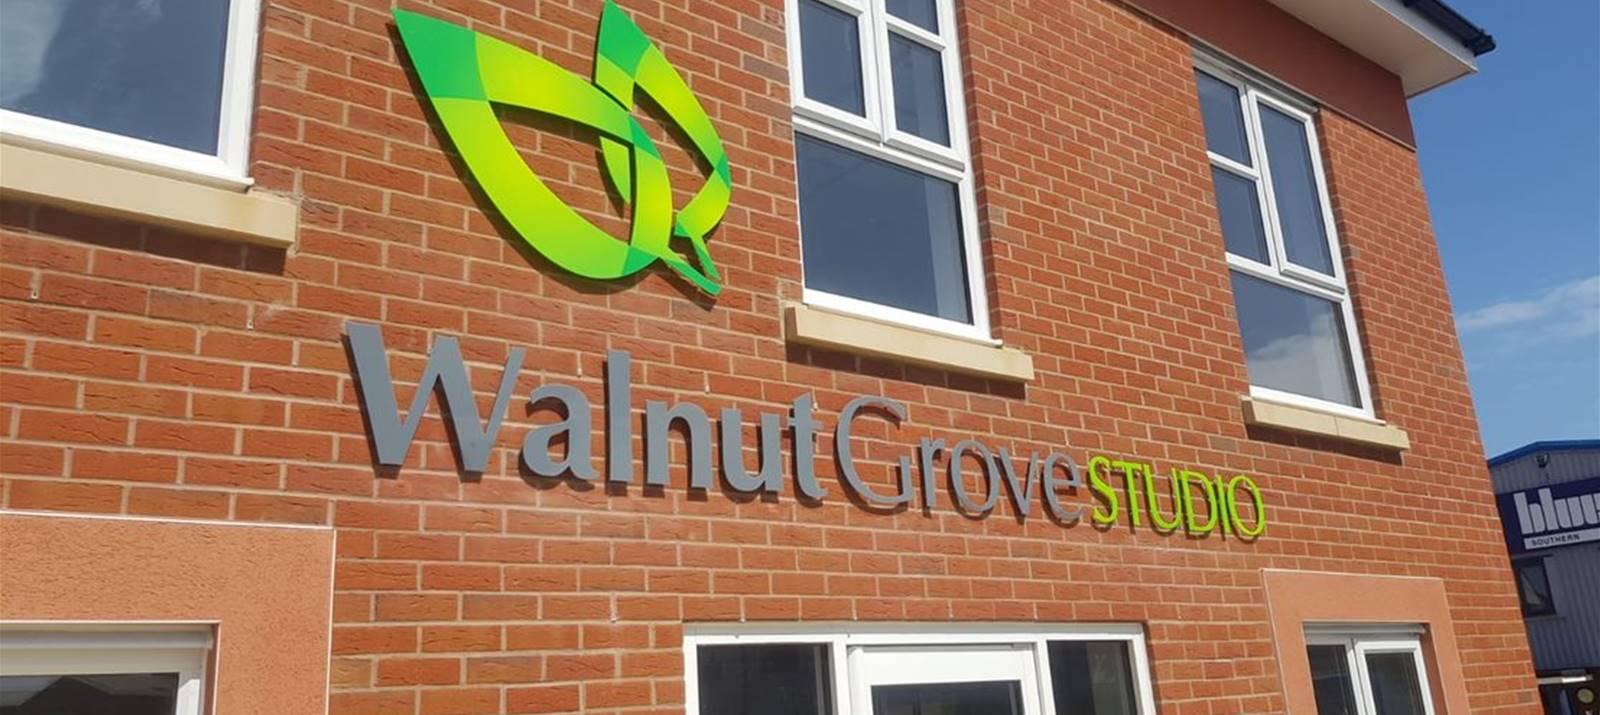 Walnut Grove Exterior Signage